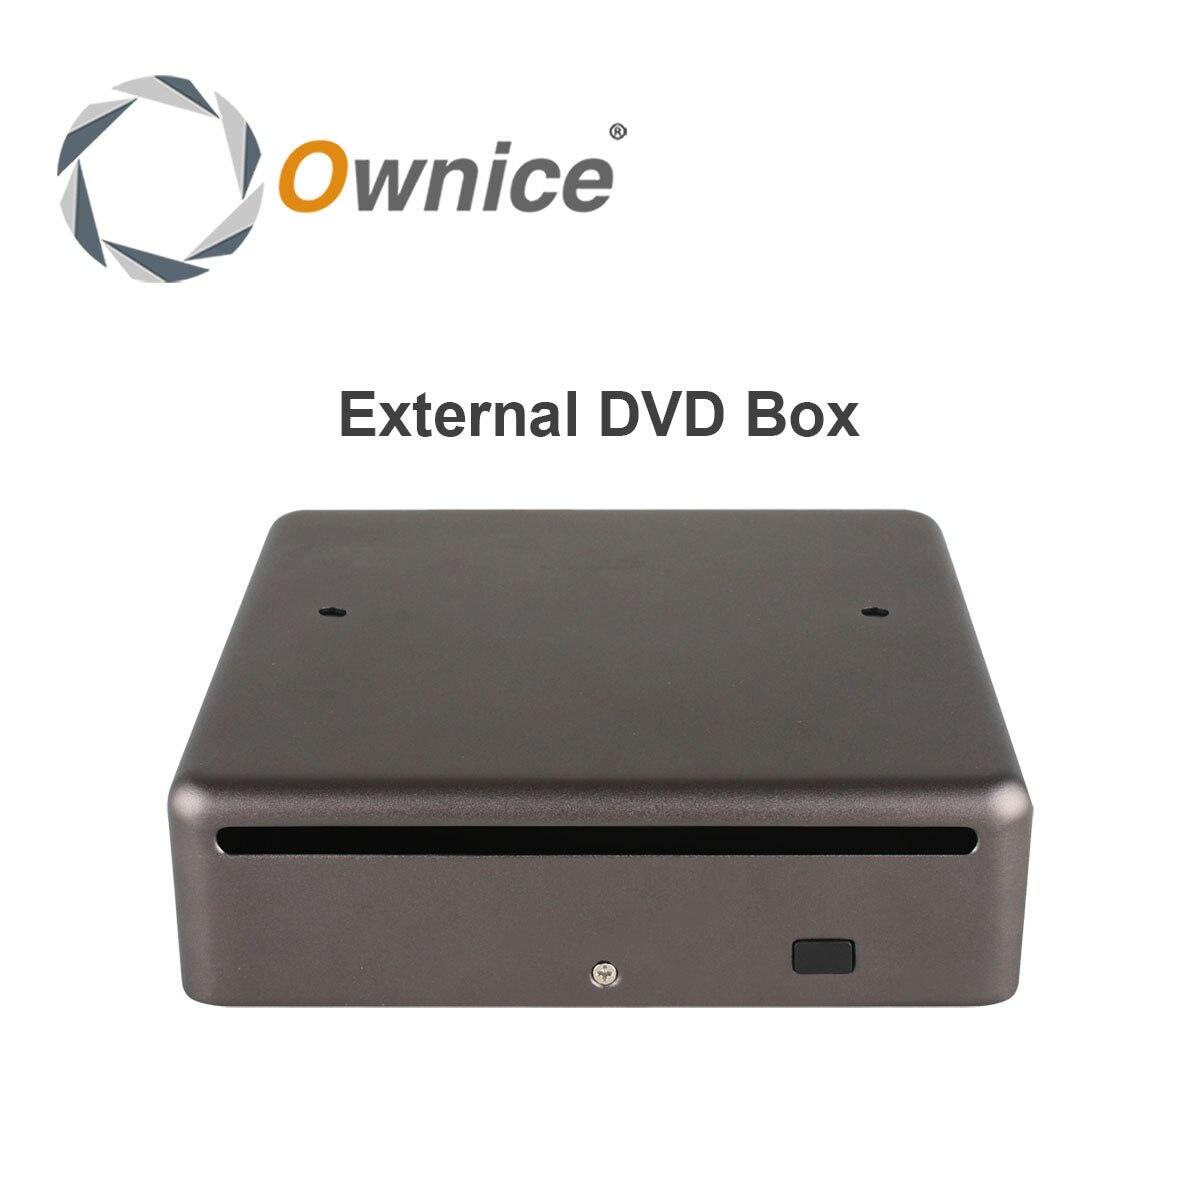 Ownice dvd Externo caixa de Suporte A Reprodução de DVD e CD Apenas para Ownice Jogador Rádio Do Carro Só